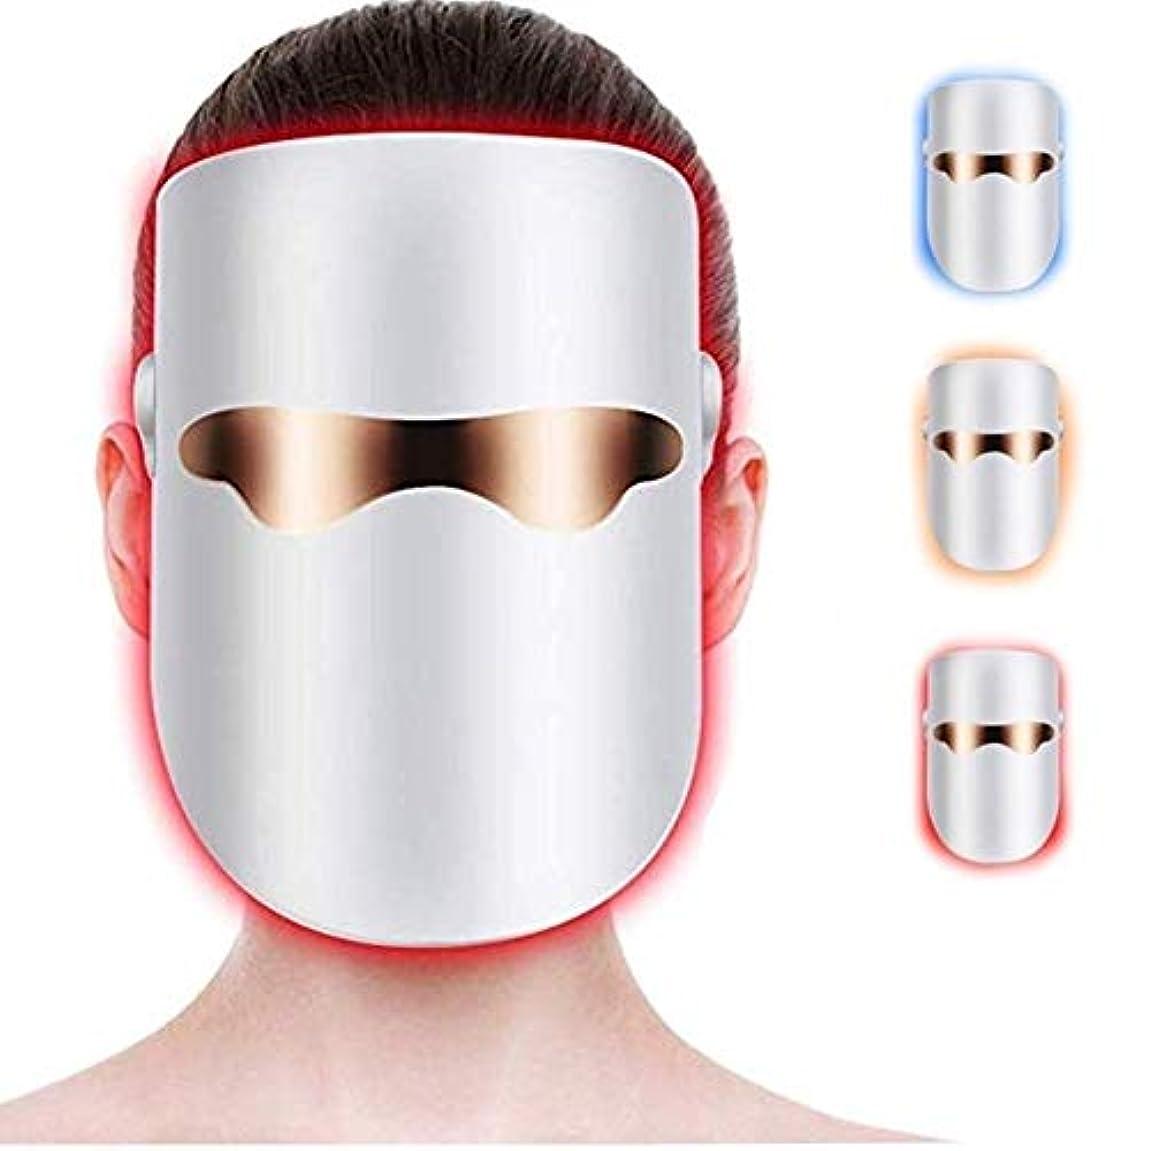 起きて非アクティブシェトランド諸島LEDフェイシャルマスク、3色のライトセラピーにきびマスク、ツェッペリン光子セラピー?フェイシャル美容無制限のトリートメントのためにアクネスポットリンクルコラーゲンフェイススキンケア若返りマスク (Color : M1)